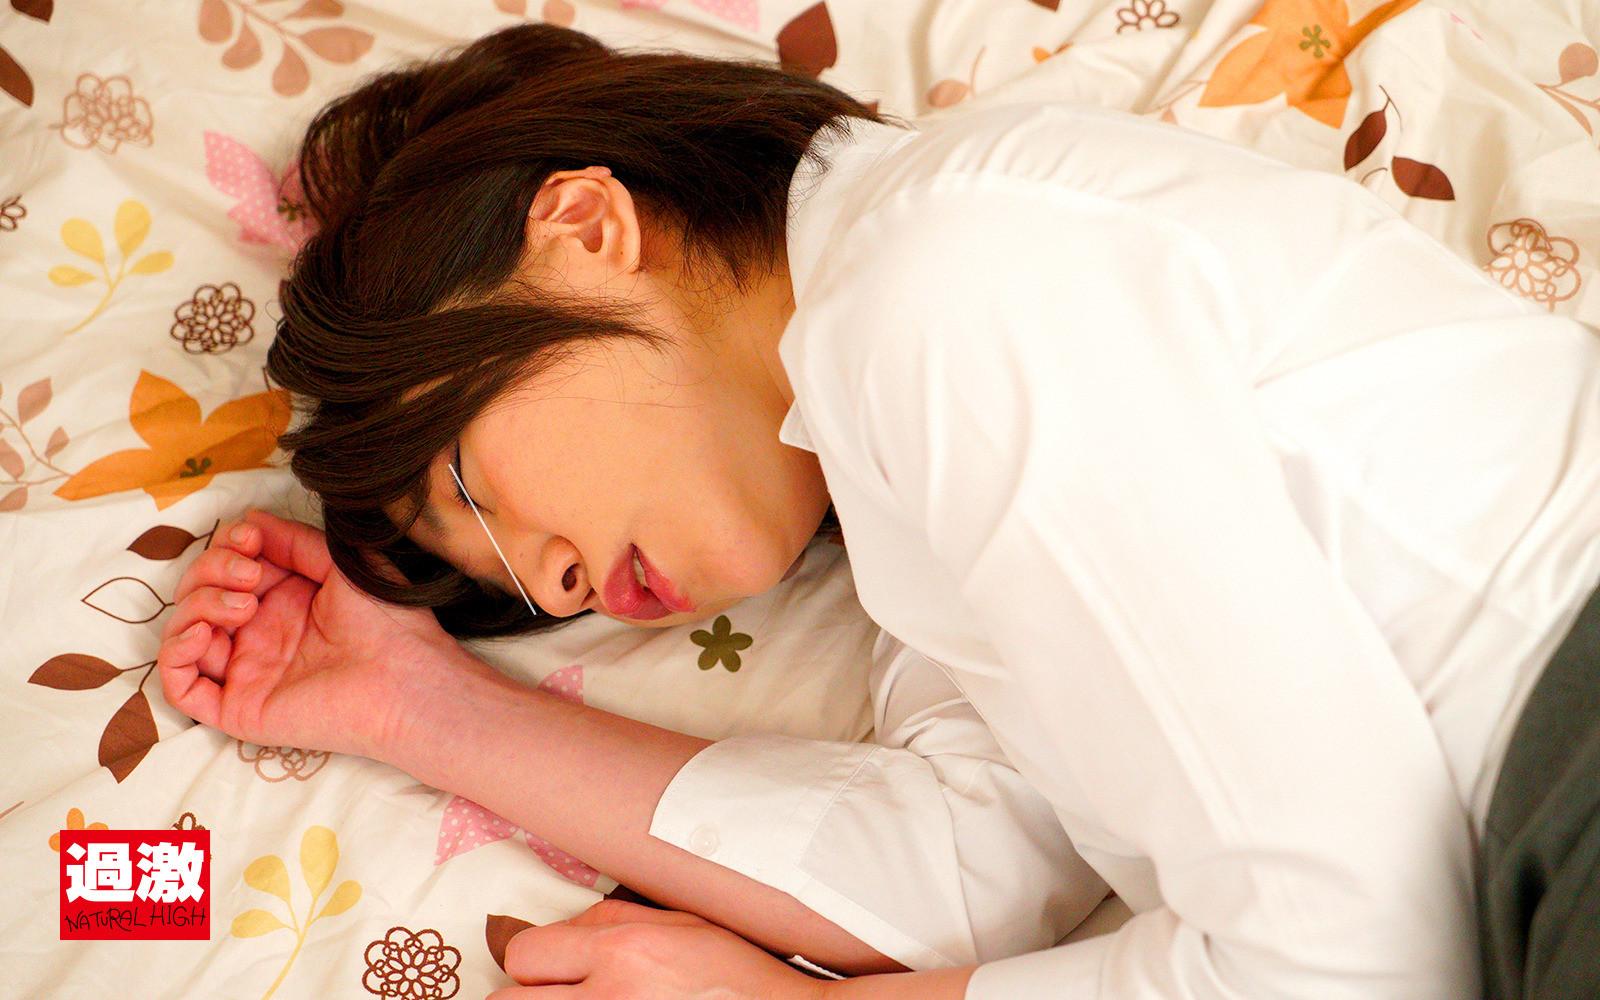 寝ている姉のアナルを毎晩こっそりいじっていたらち○ぽが根元まで入るほどガバガバになりました 2 画像9